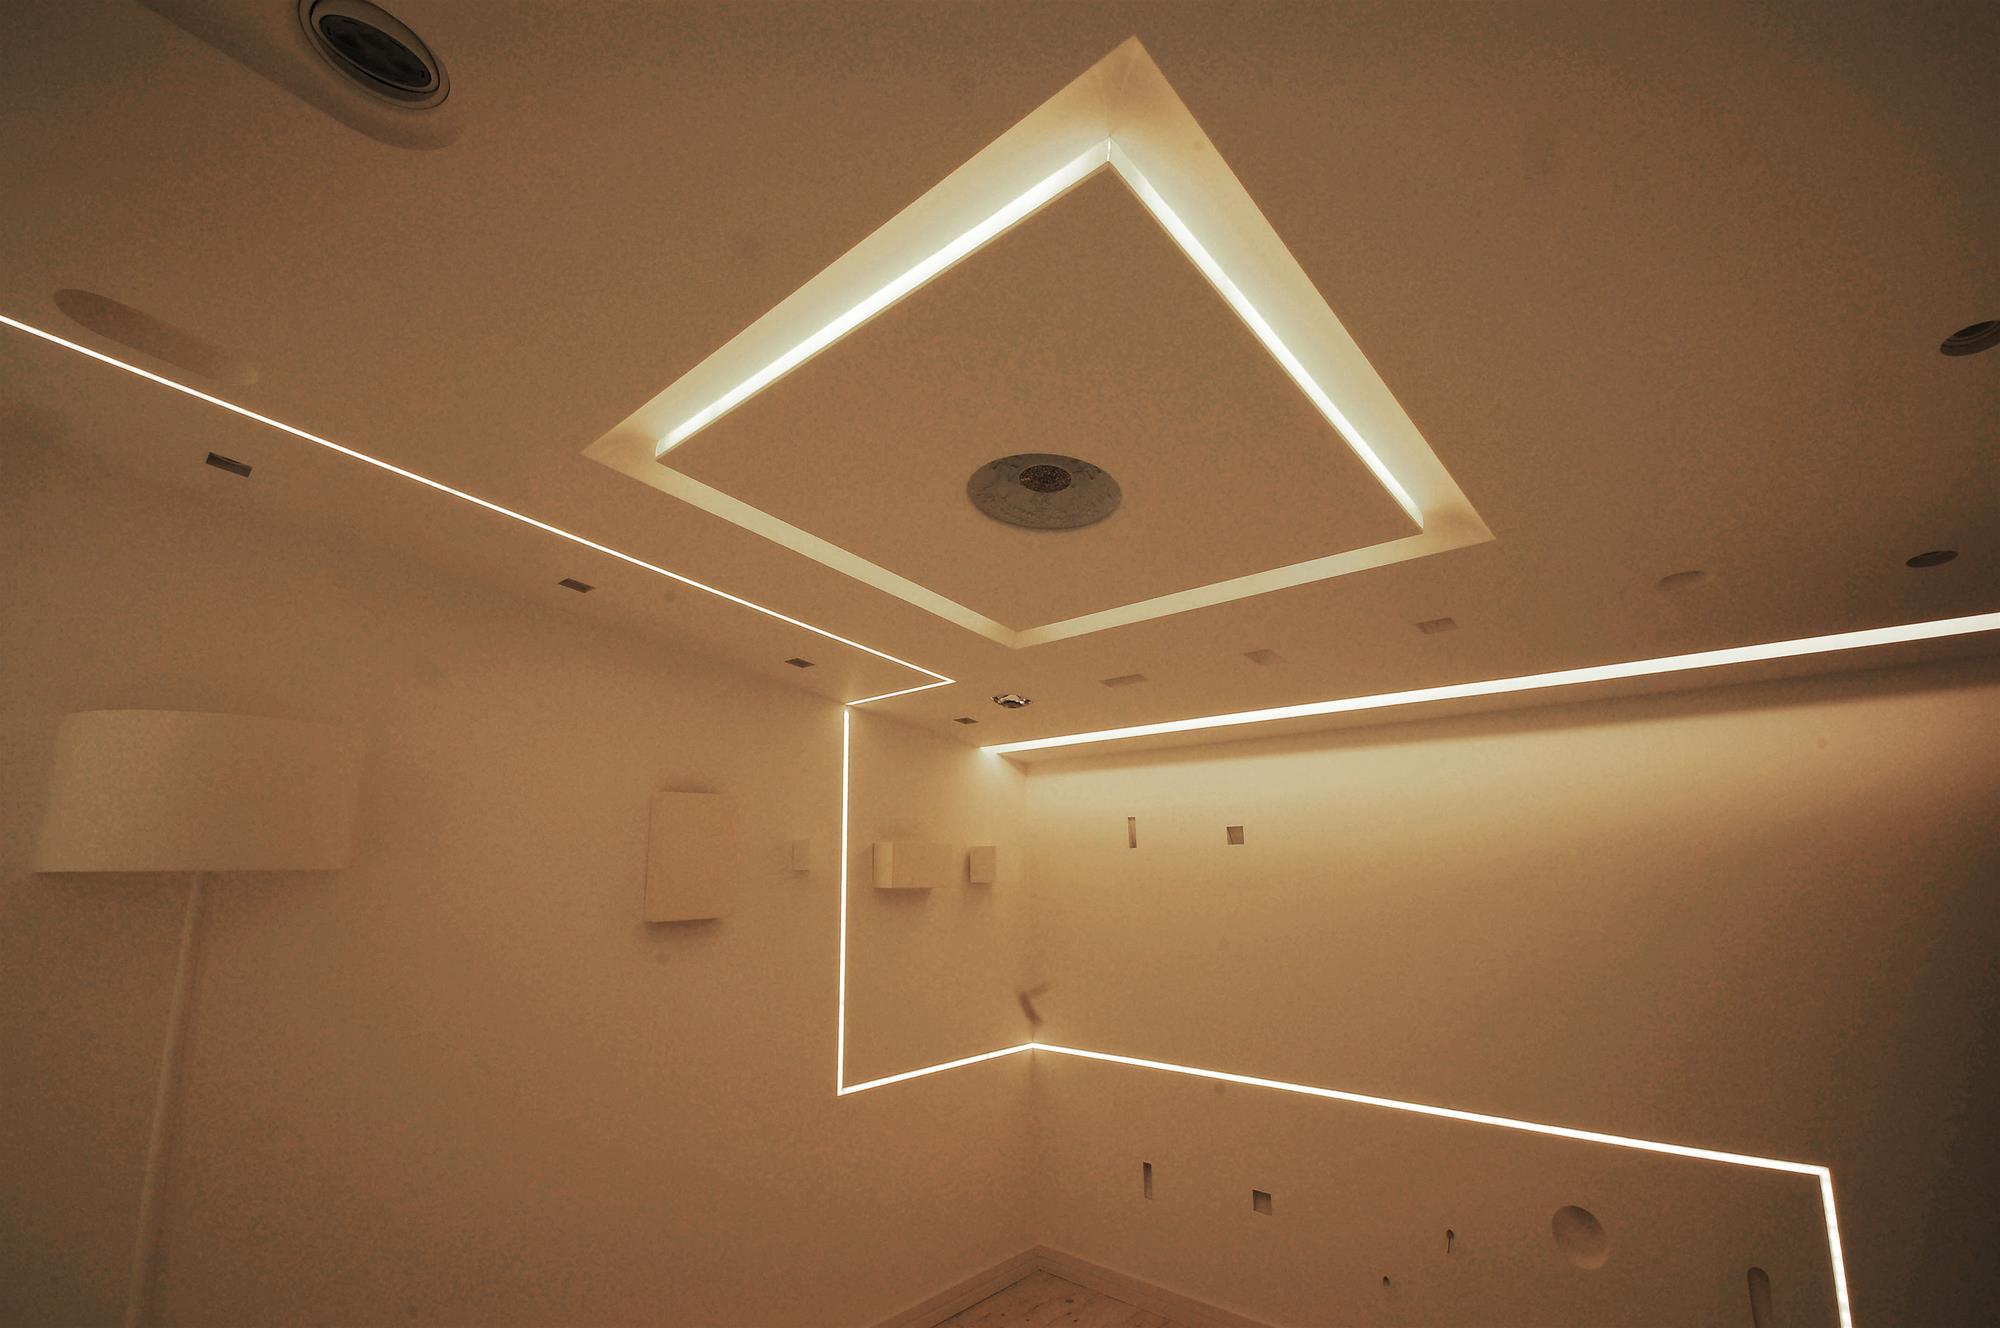 Inbouwspots Badkamer Zone : Led verlichting voor uw badkamer nodig nu gratis levering